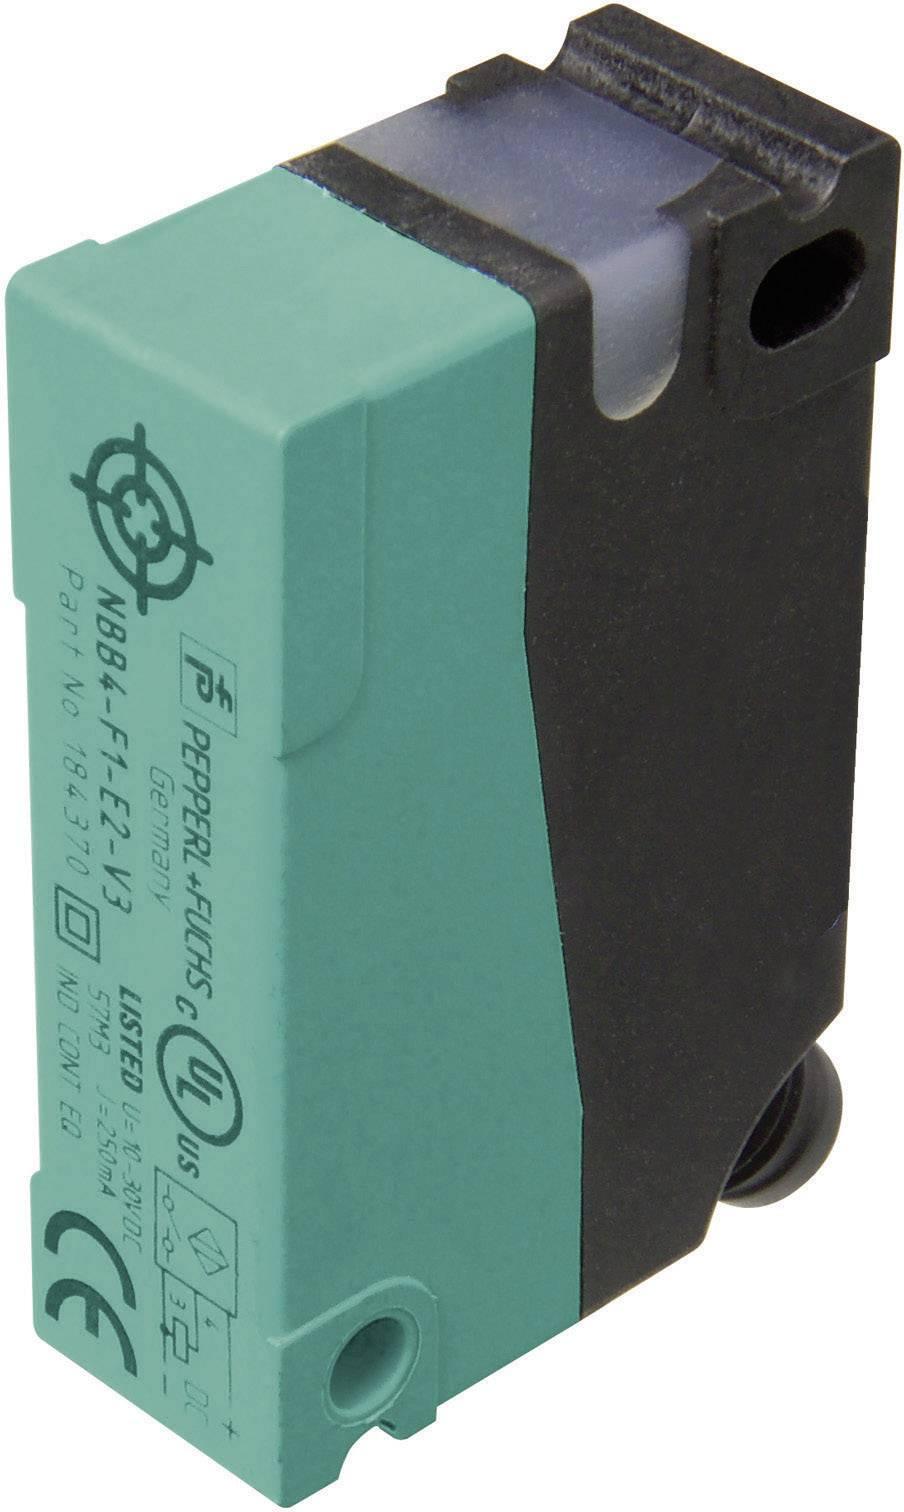 Indukčný senzor priblíženia Pepperl & Fuchs NBN8-F1-E2-V3, 12 x 40 mm, spínacia vzdialenosť (max.) 8 mm